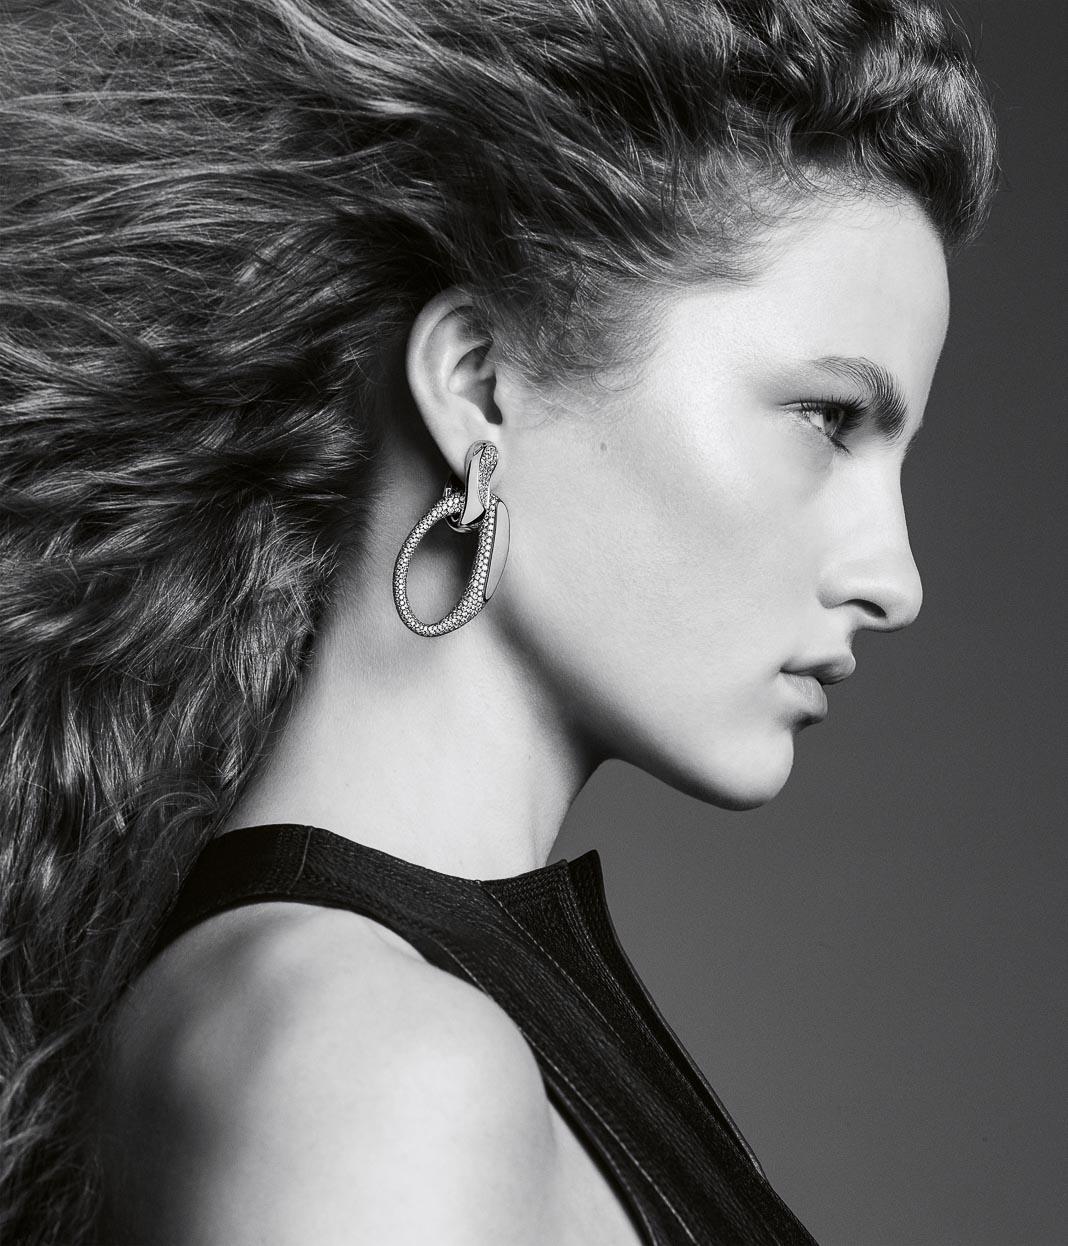 bộ sưu tập Hermès Enchainement libres 4